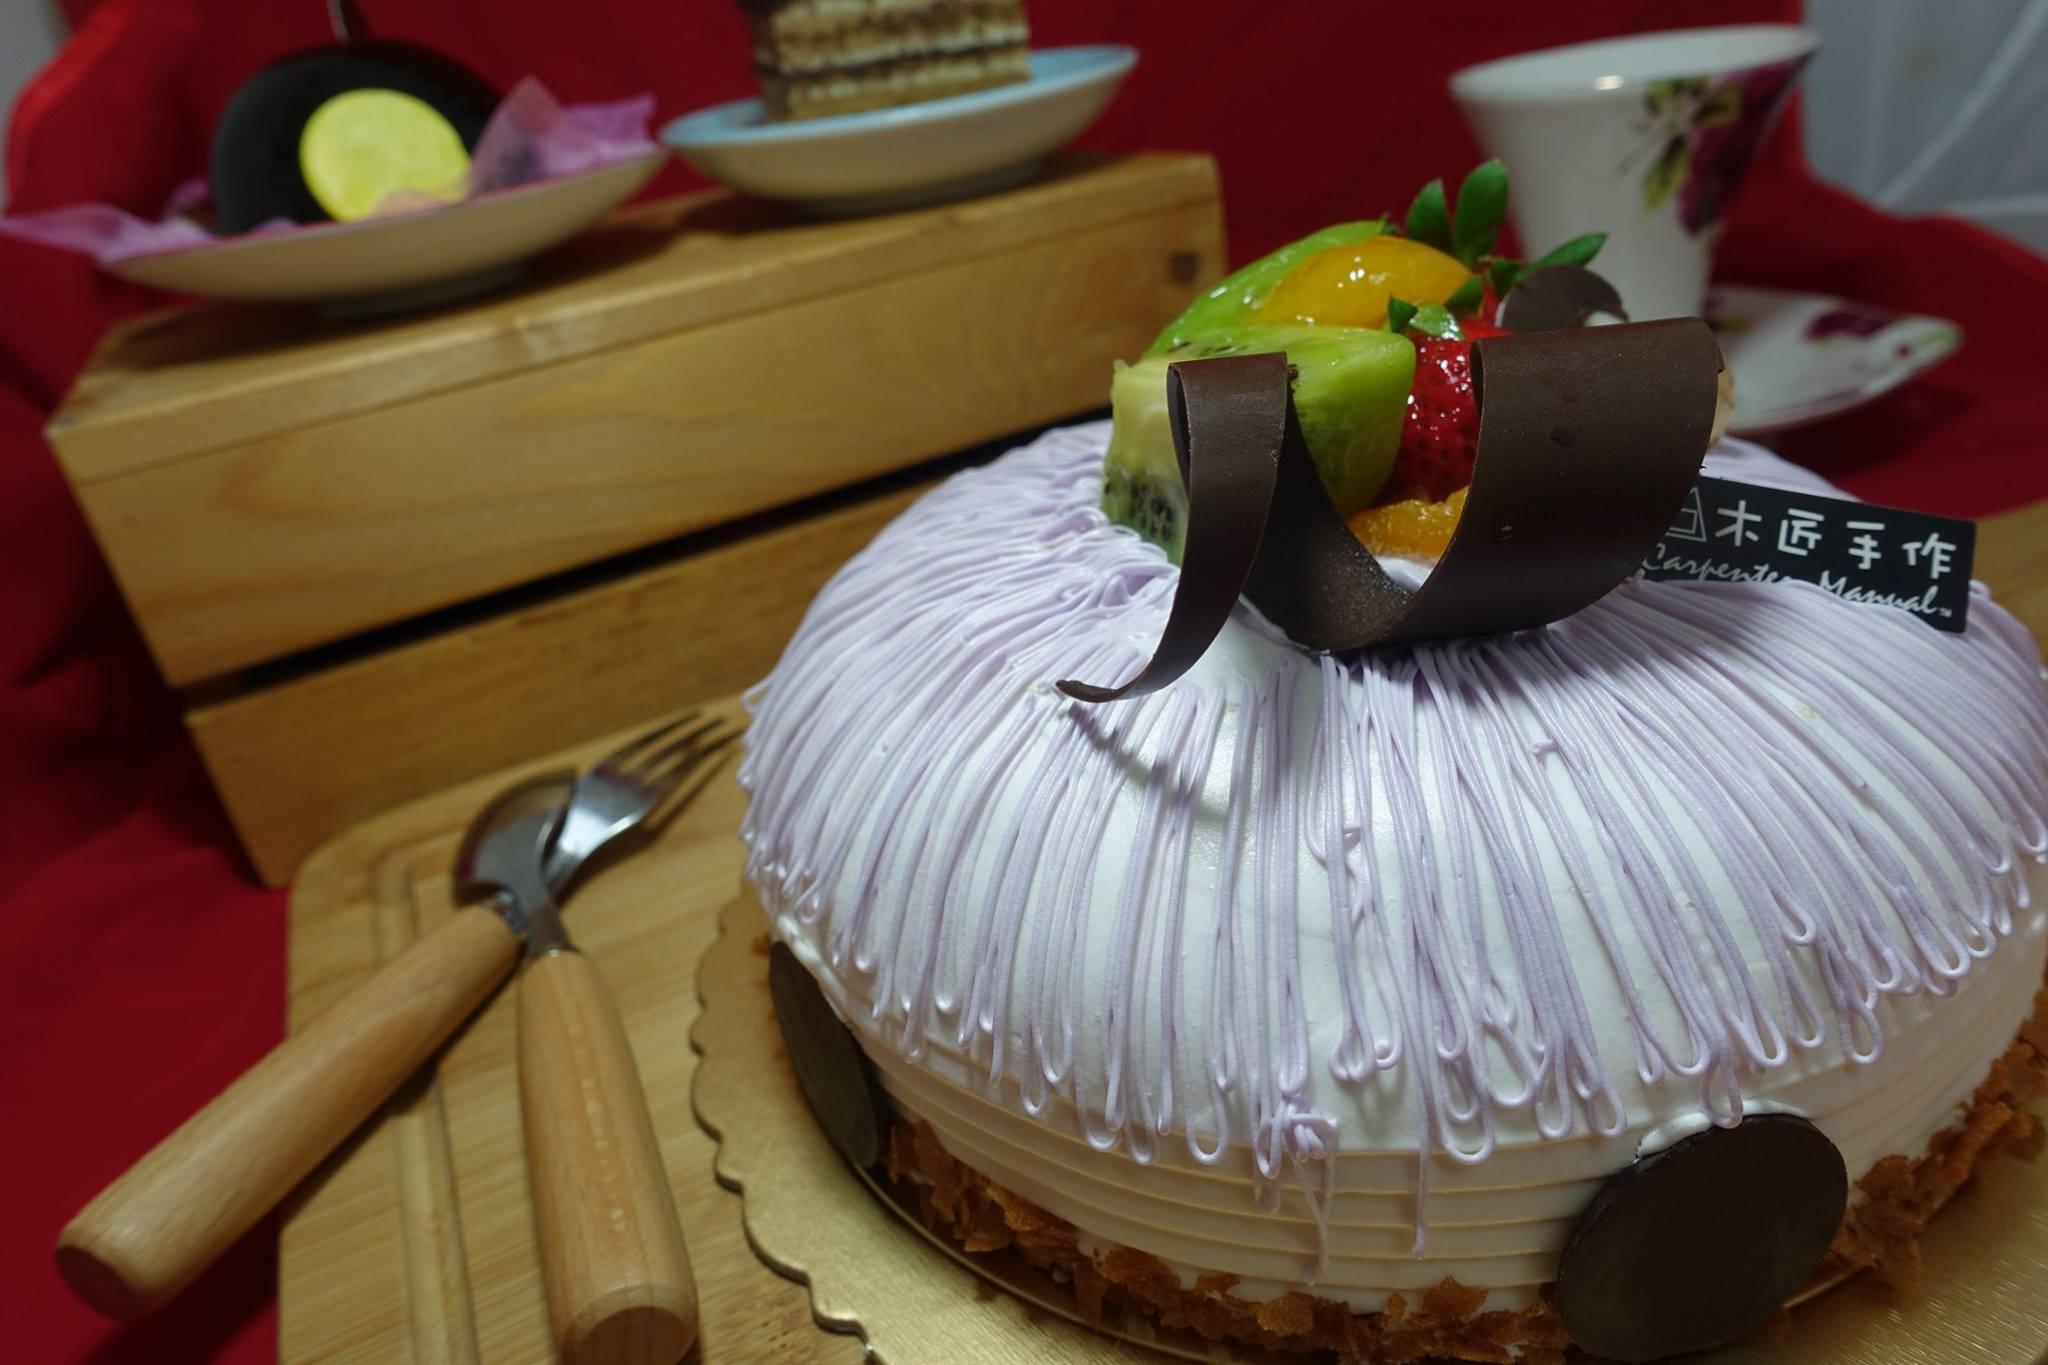 木匠手作★客製化生日蛋糕(8吋) 9